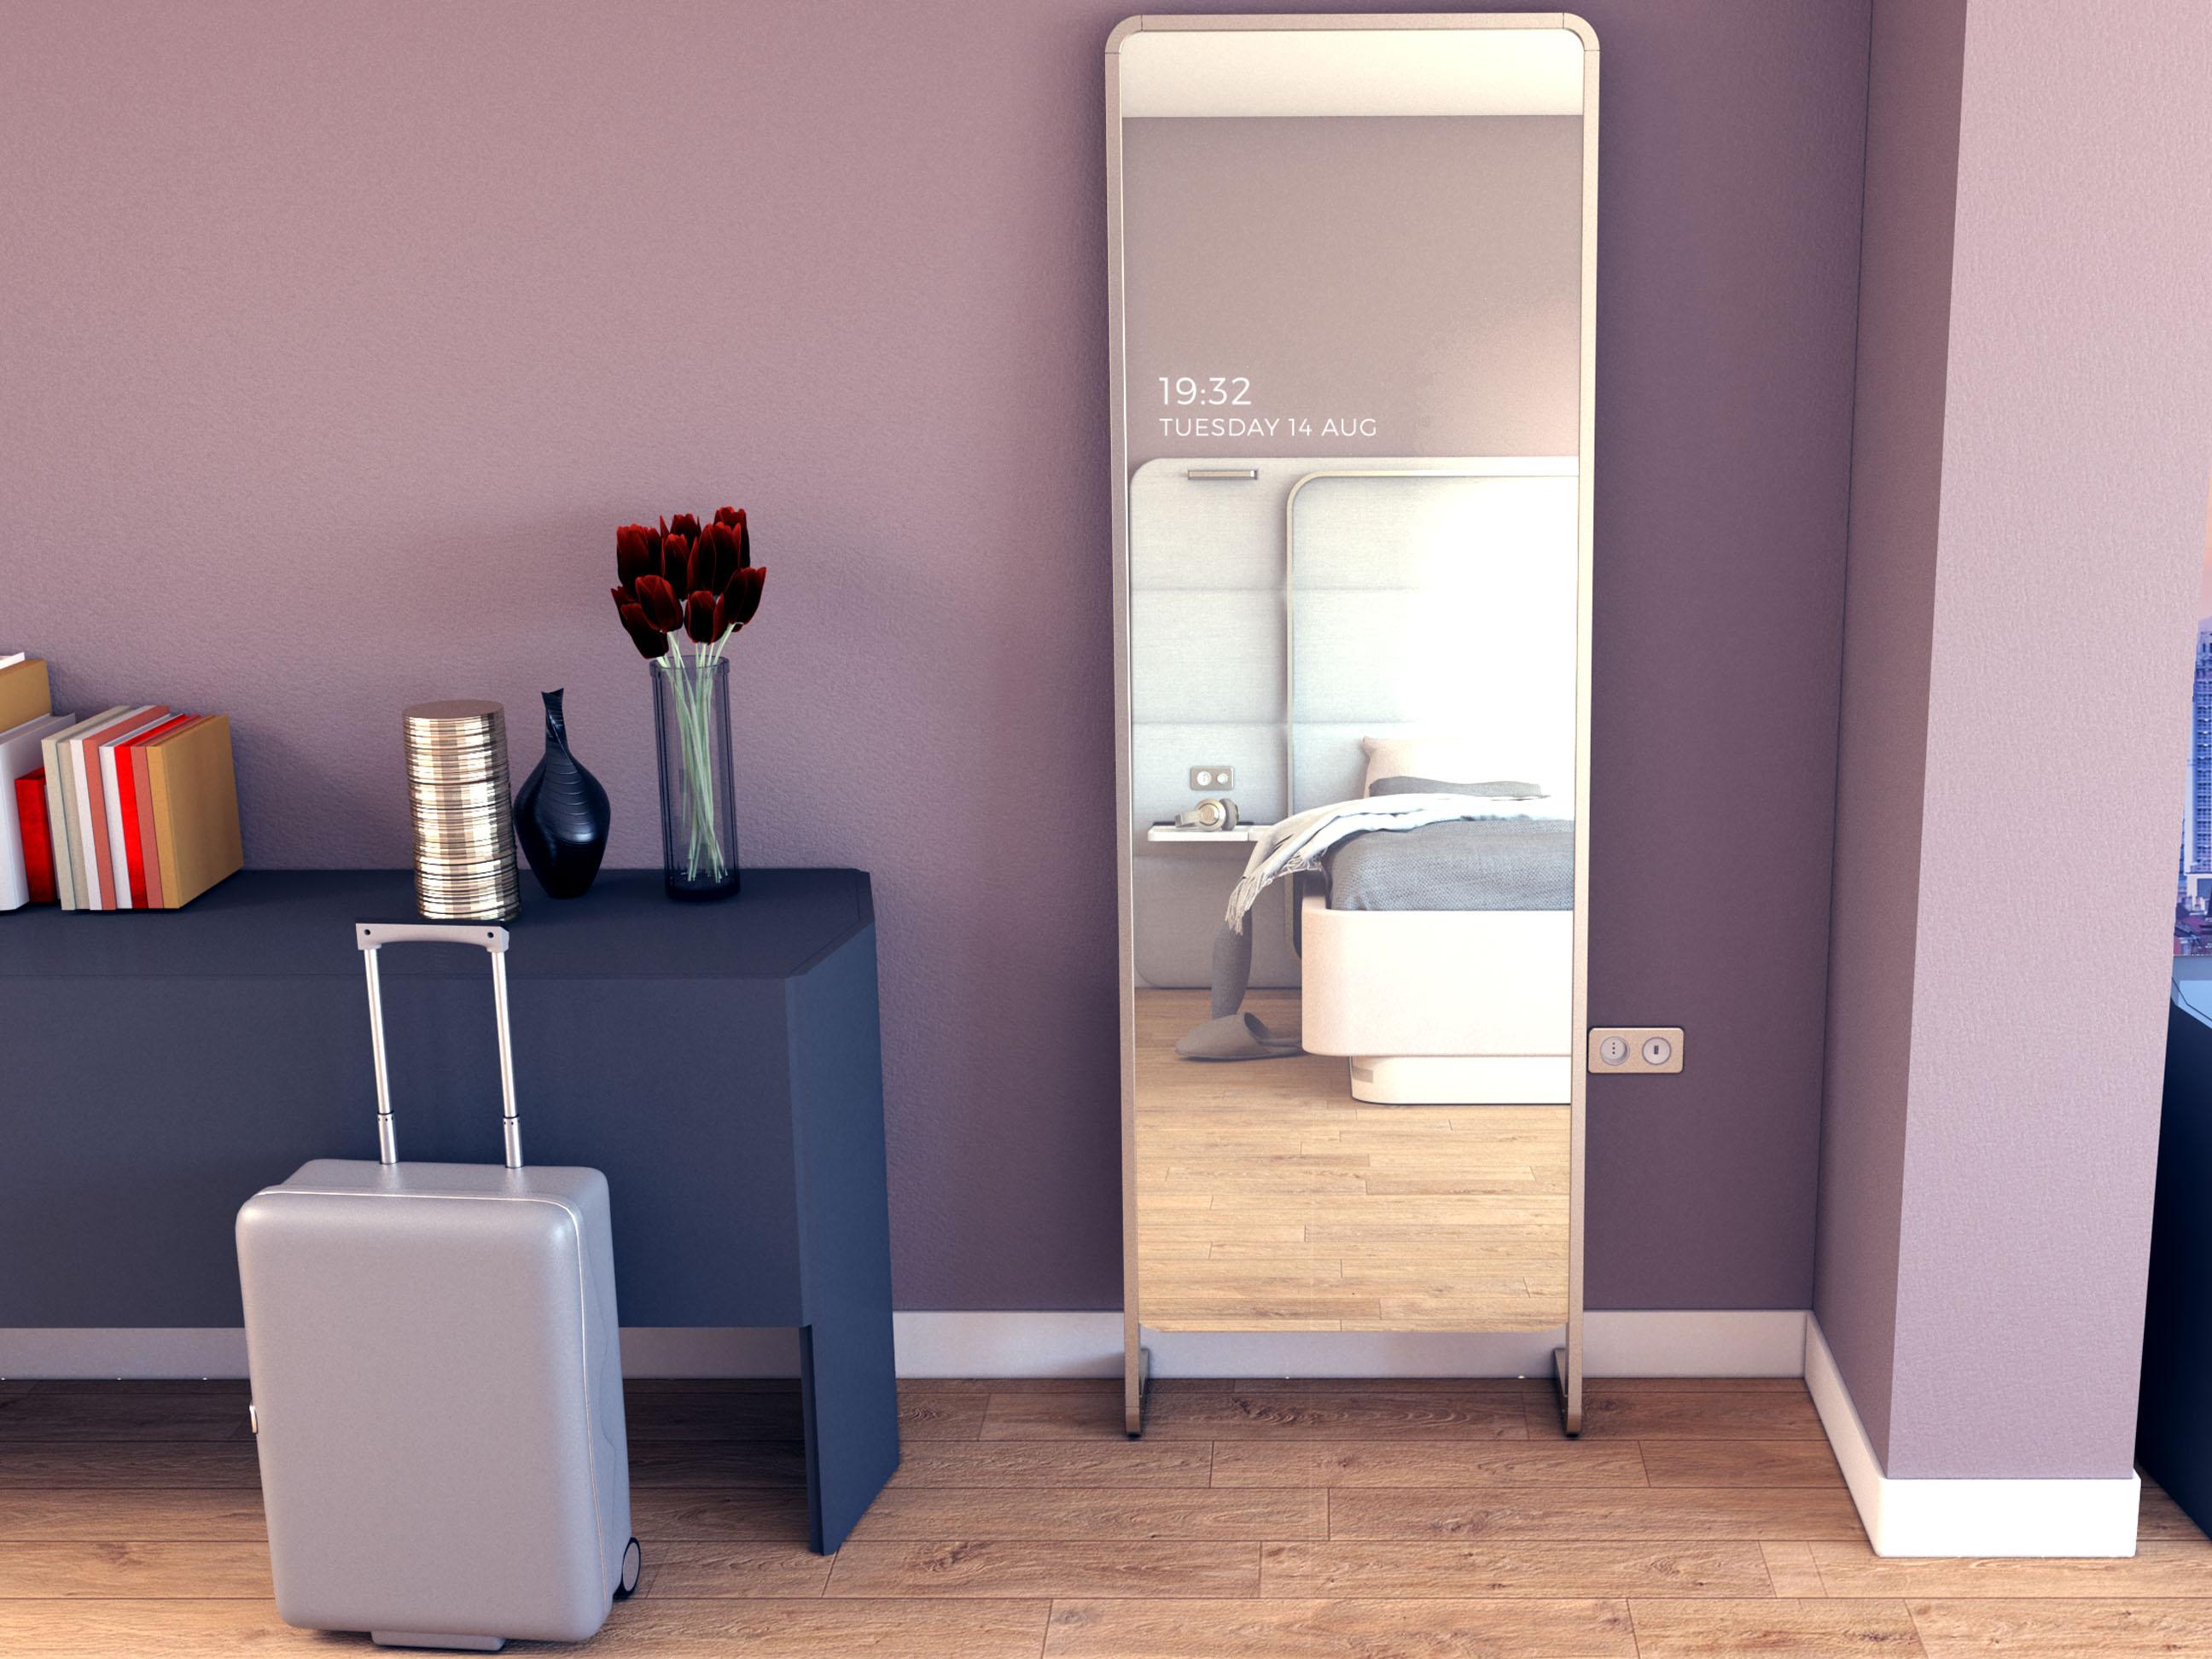 dettaglio della camera Twee con lo specchio